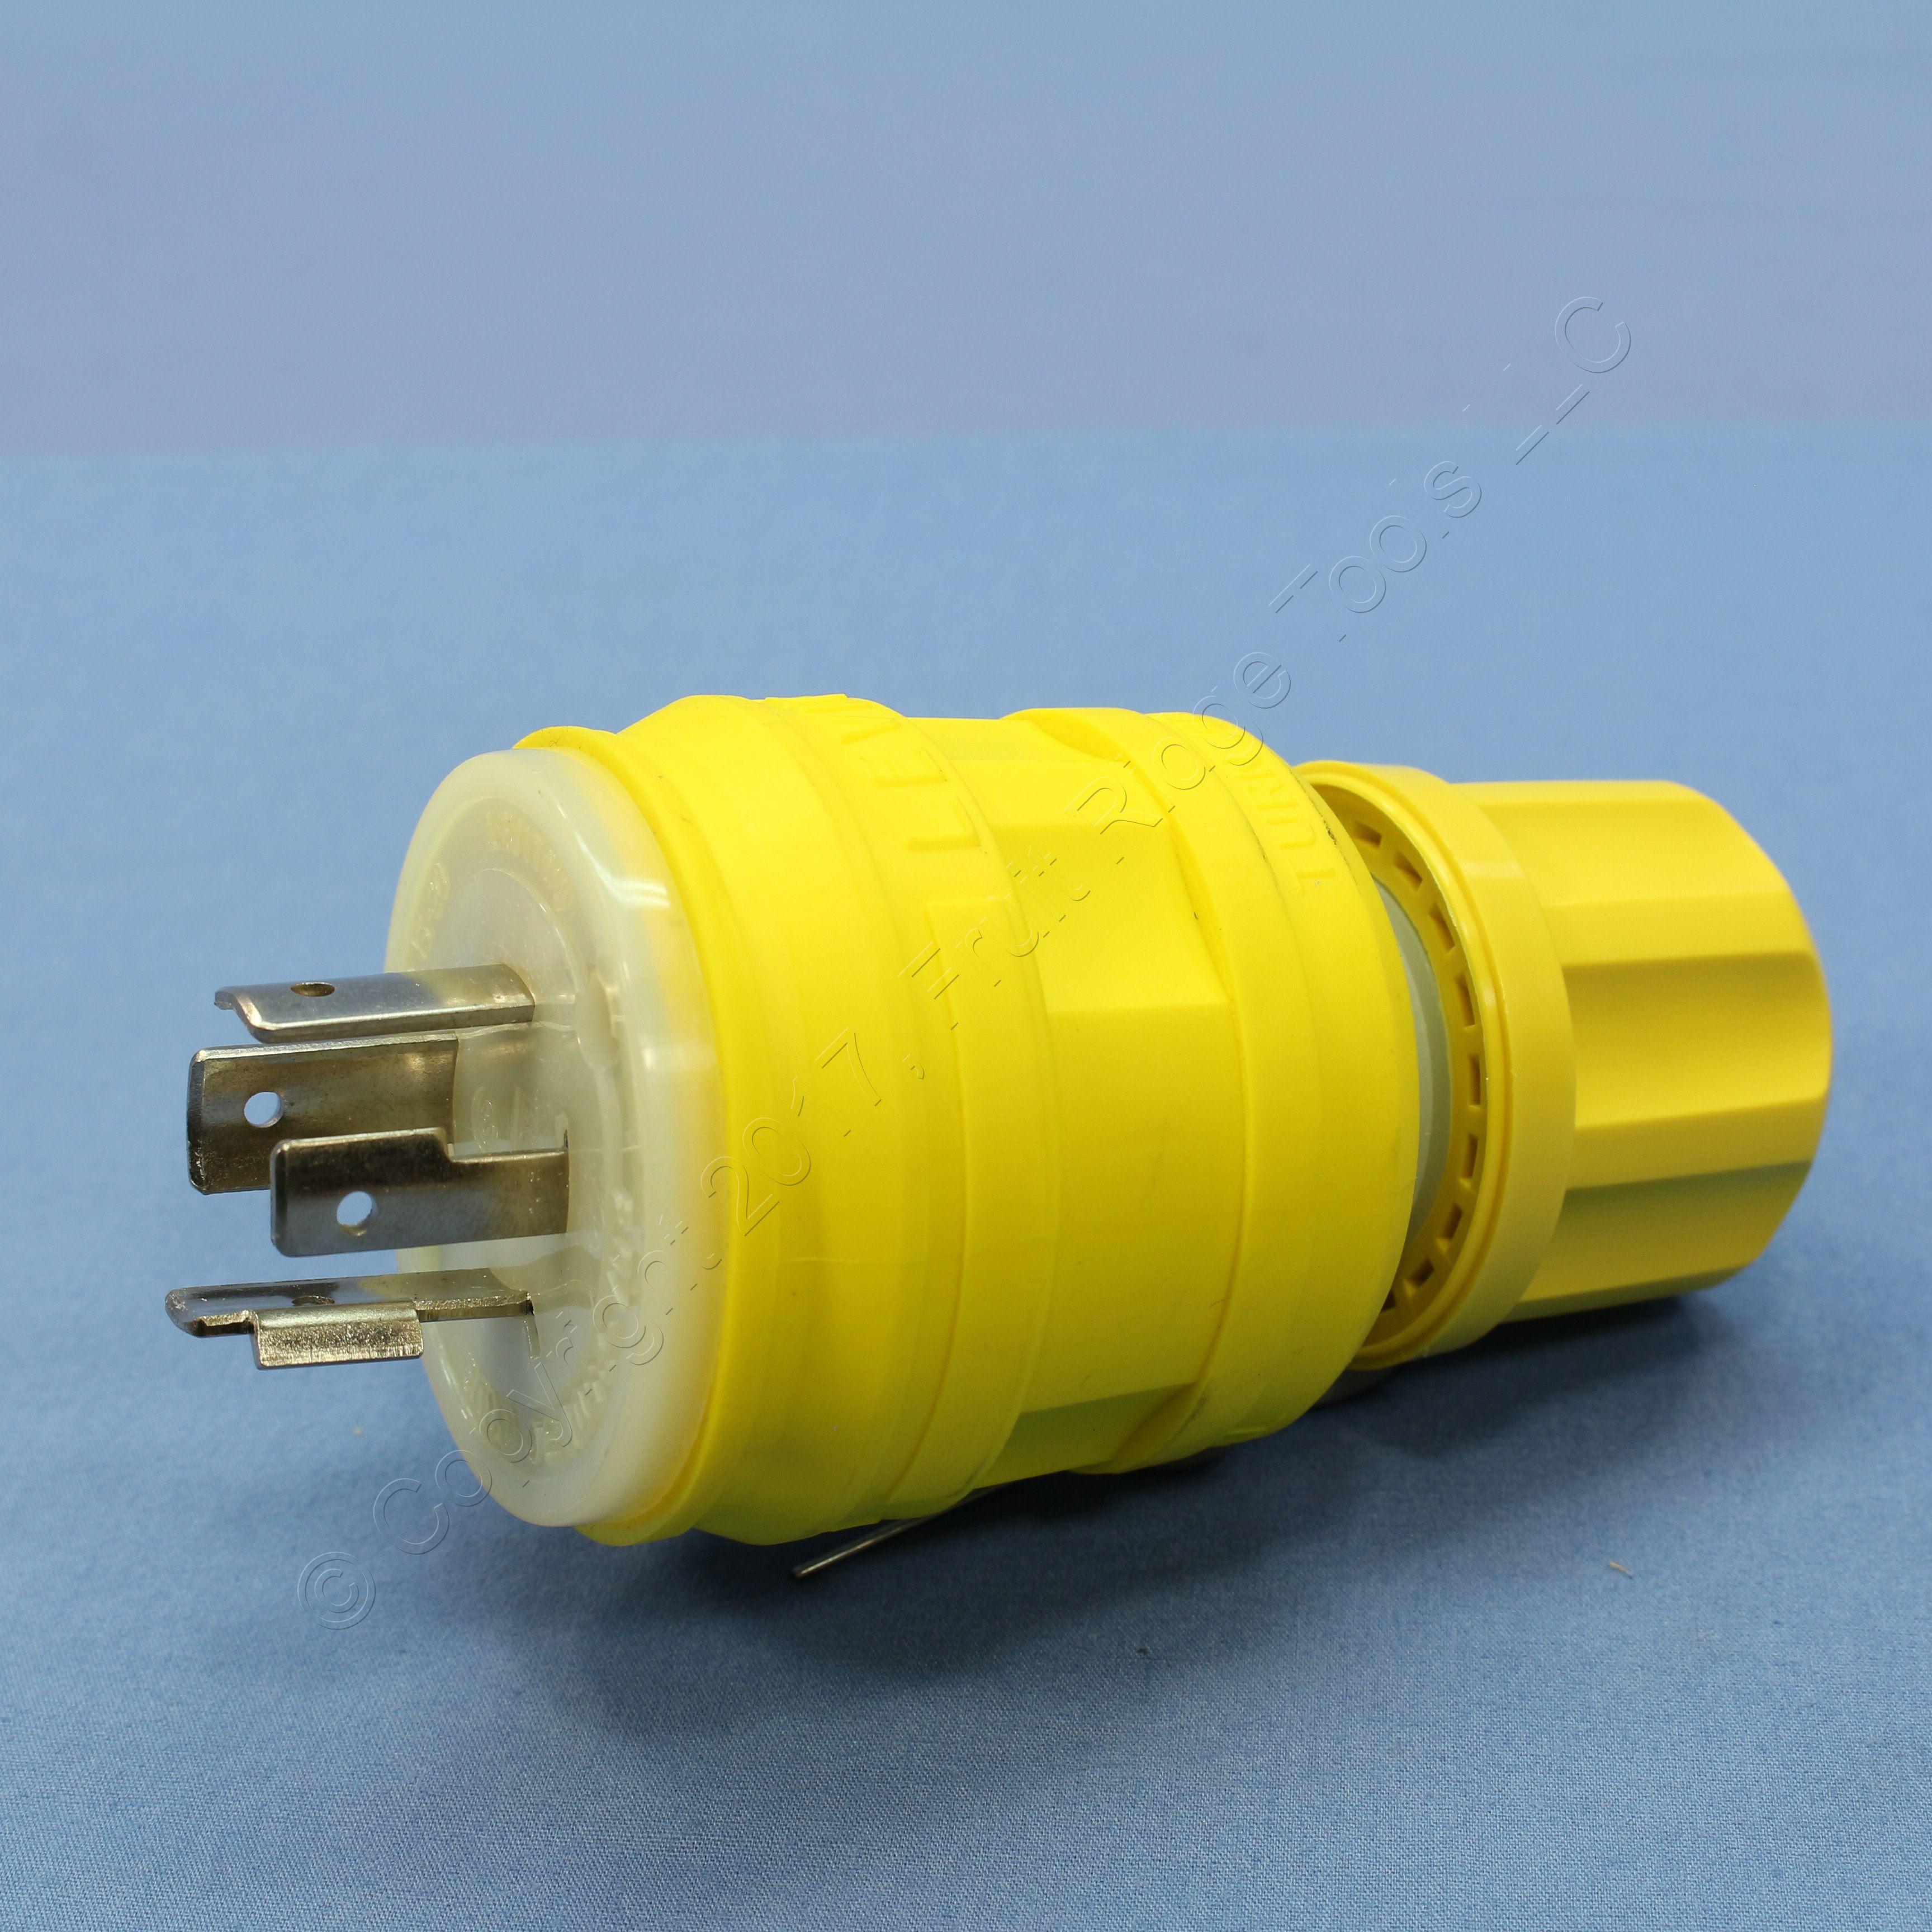 Leviton Yellow Wetguard Twist Turn Locking Plug Nema L15